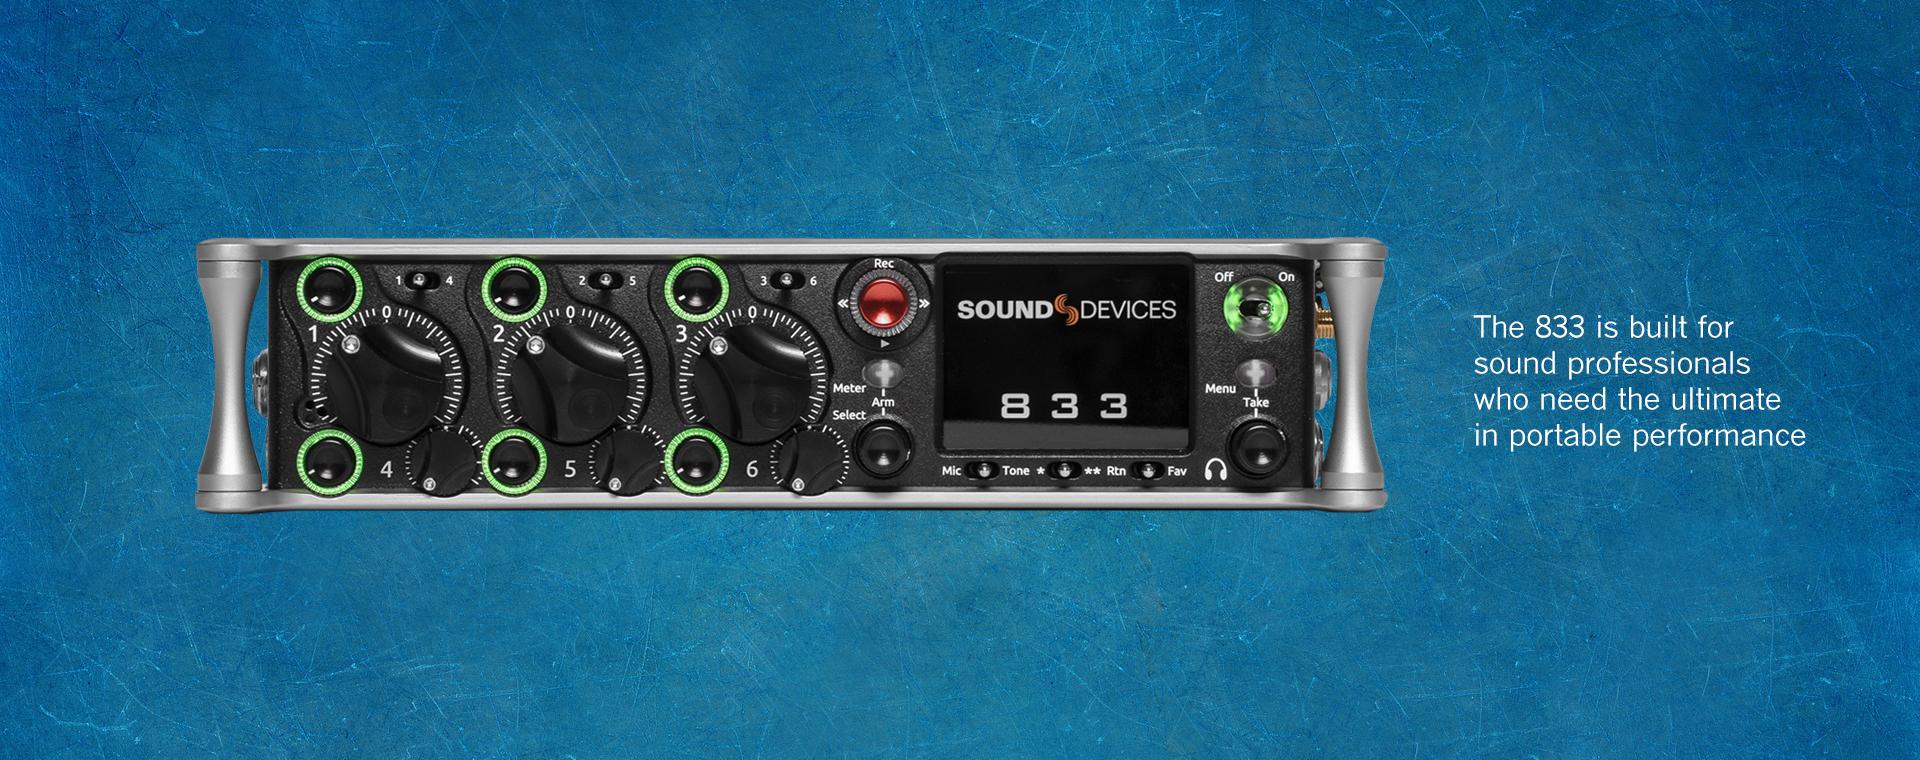 833 Mixer Recorder